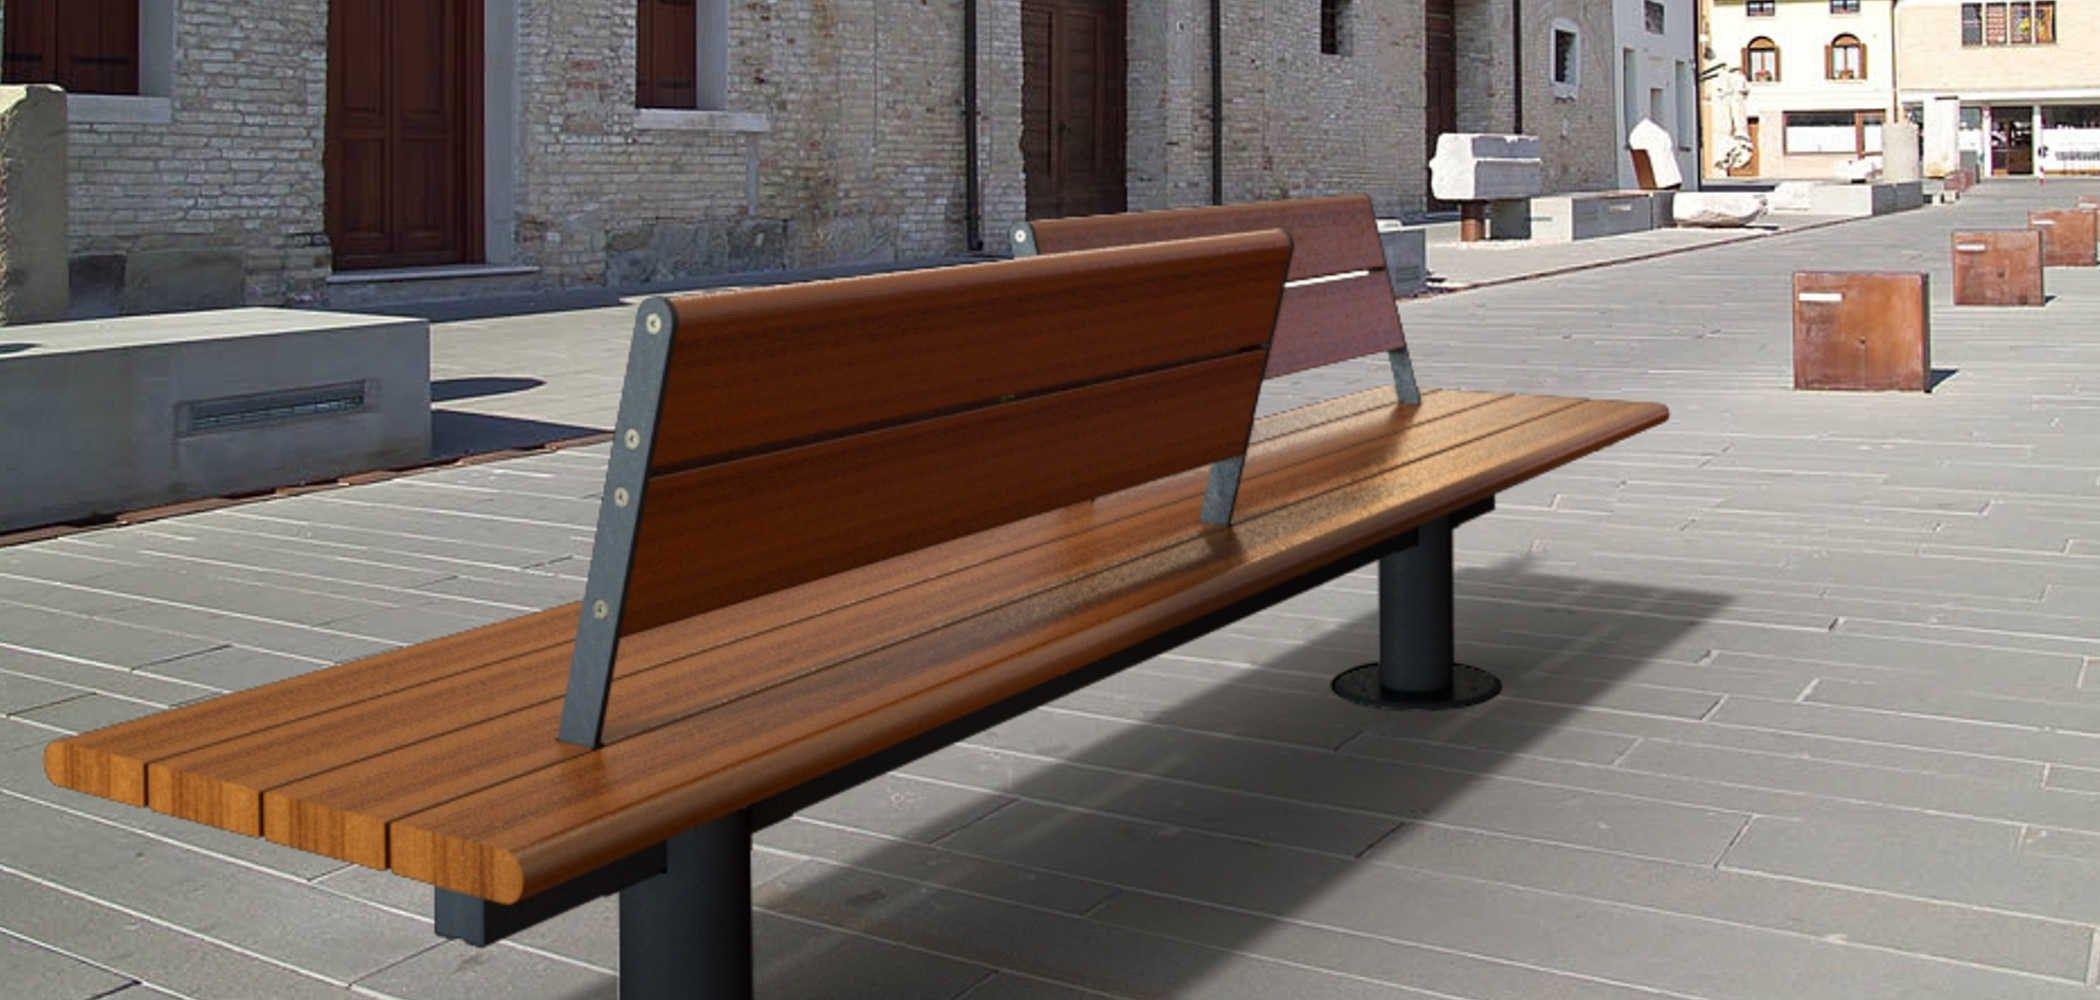 Panchina in legno in stile moderno con schienale valencia for Panchine arredo urbano prezzi